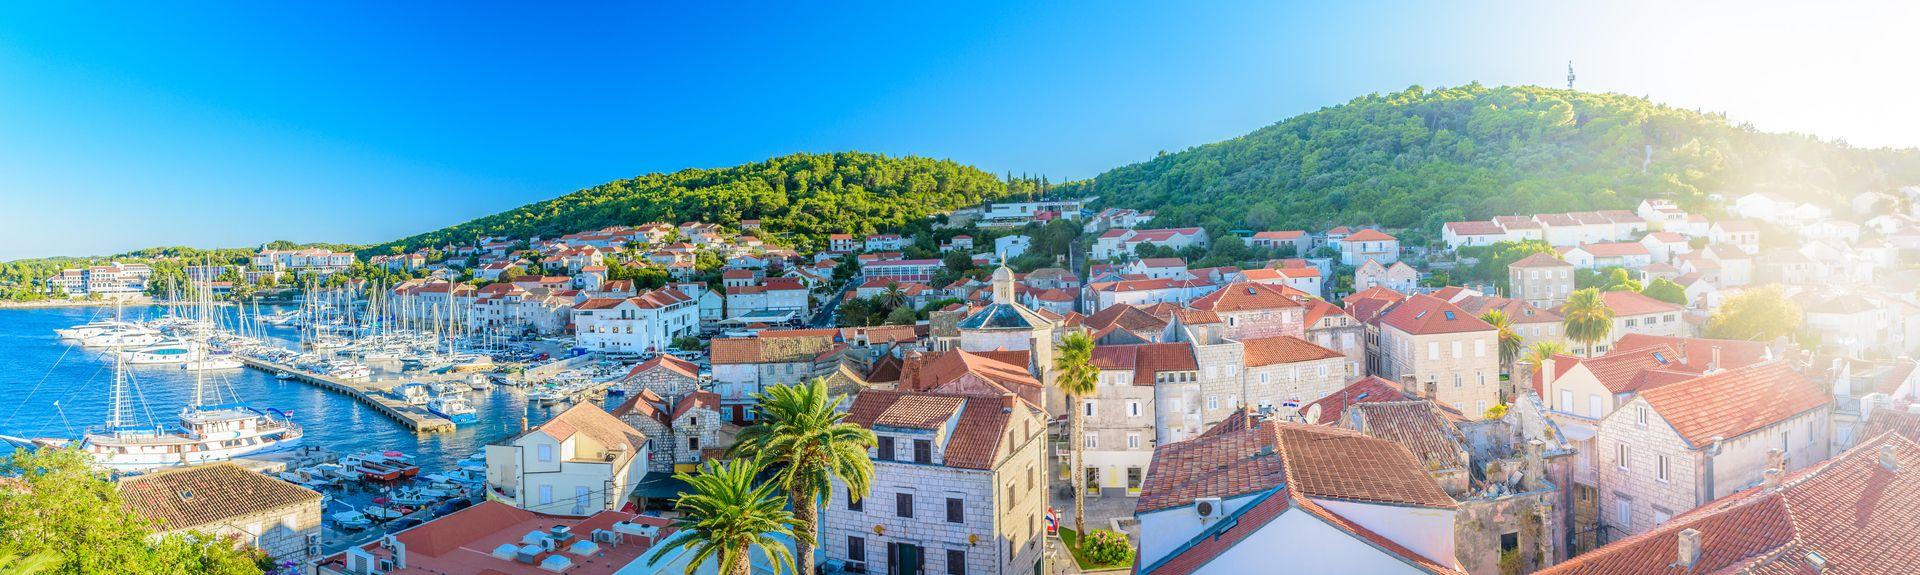 Korcula Island, Dubrovnik-Neretva, Croatia